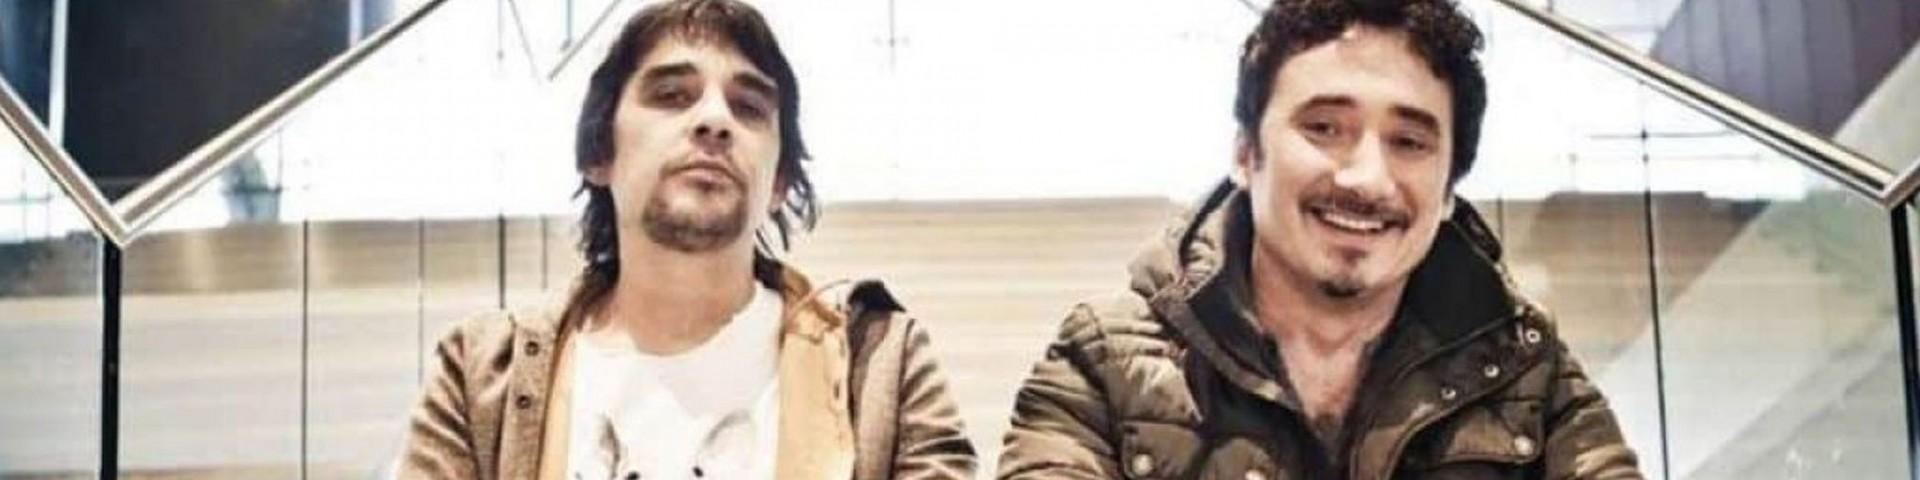 Francesco Zampaglione: arrestato per rapina il fratello del leader dei Tiromancino